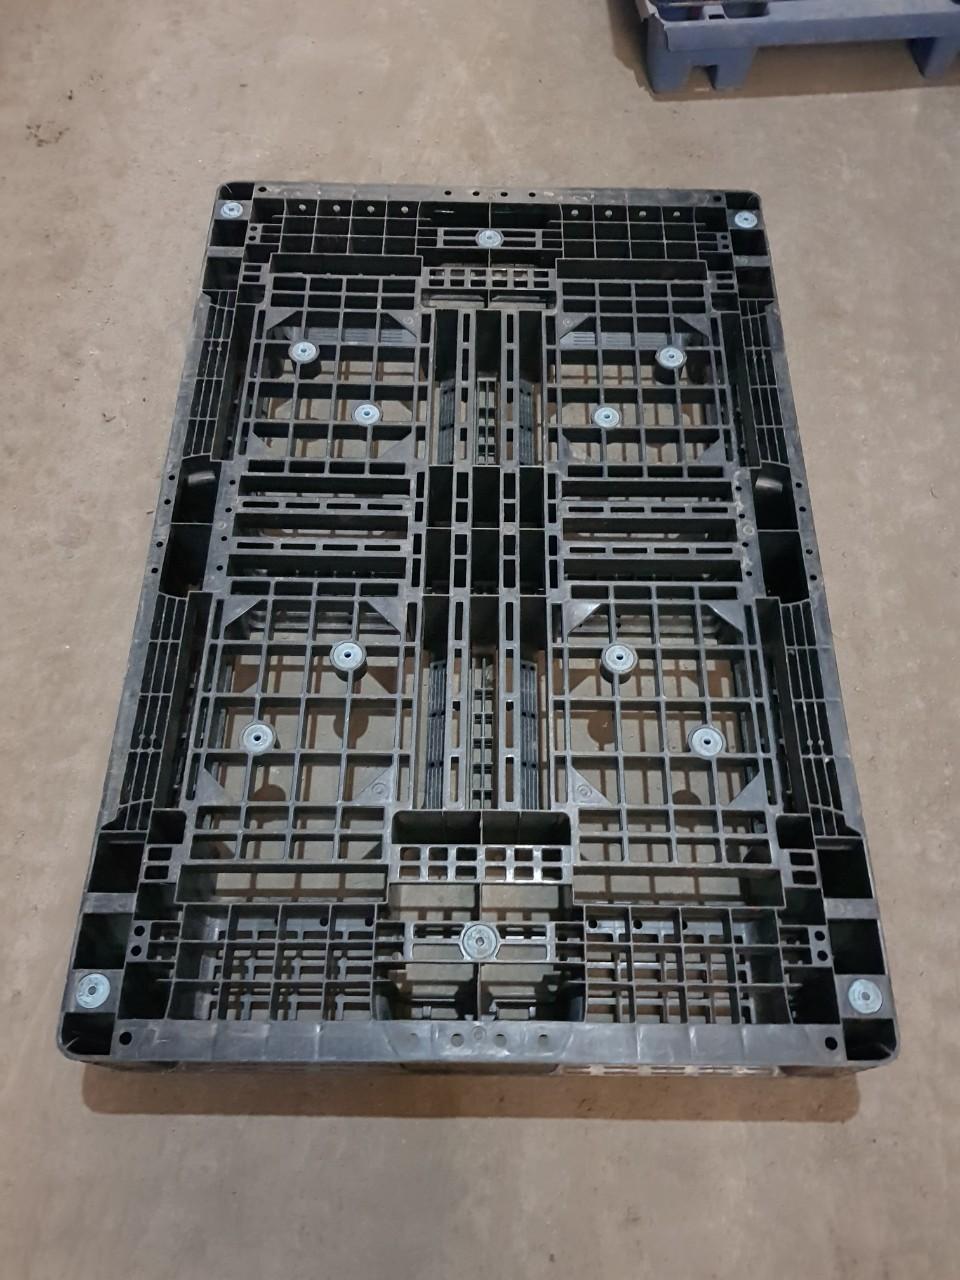 Pallet nhựa ( Pallet nhựa cũ, Pallet nhựa mới ) giá rẻ tại Đà Nẵng, Quảng Nam